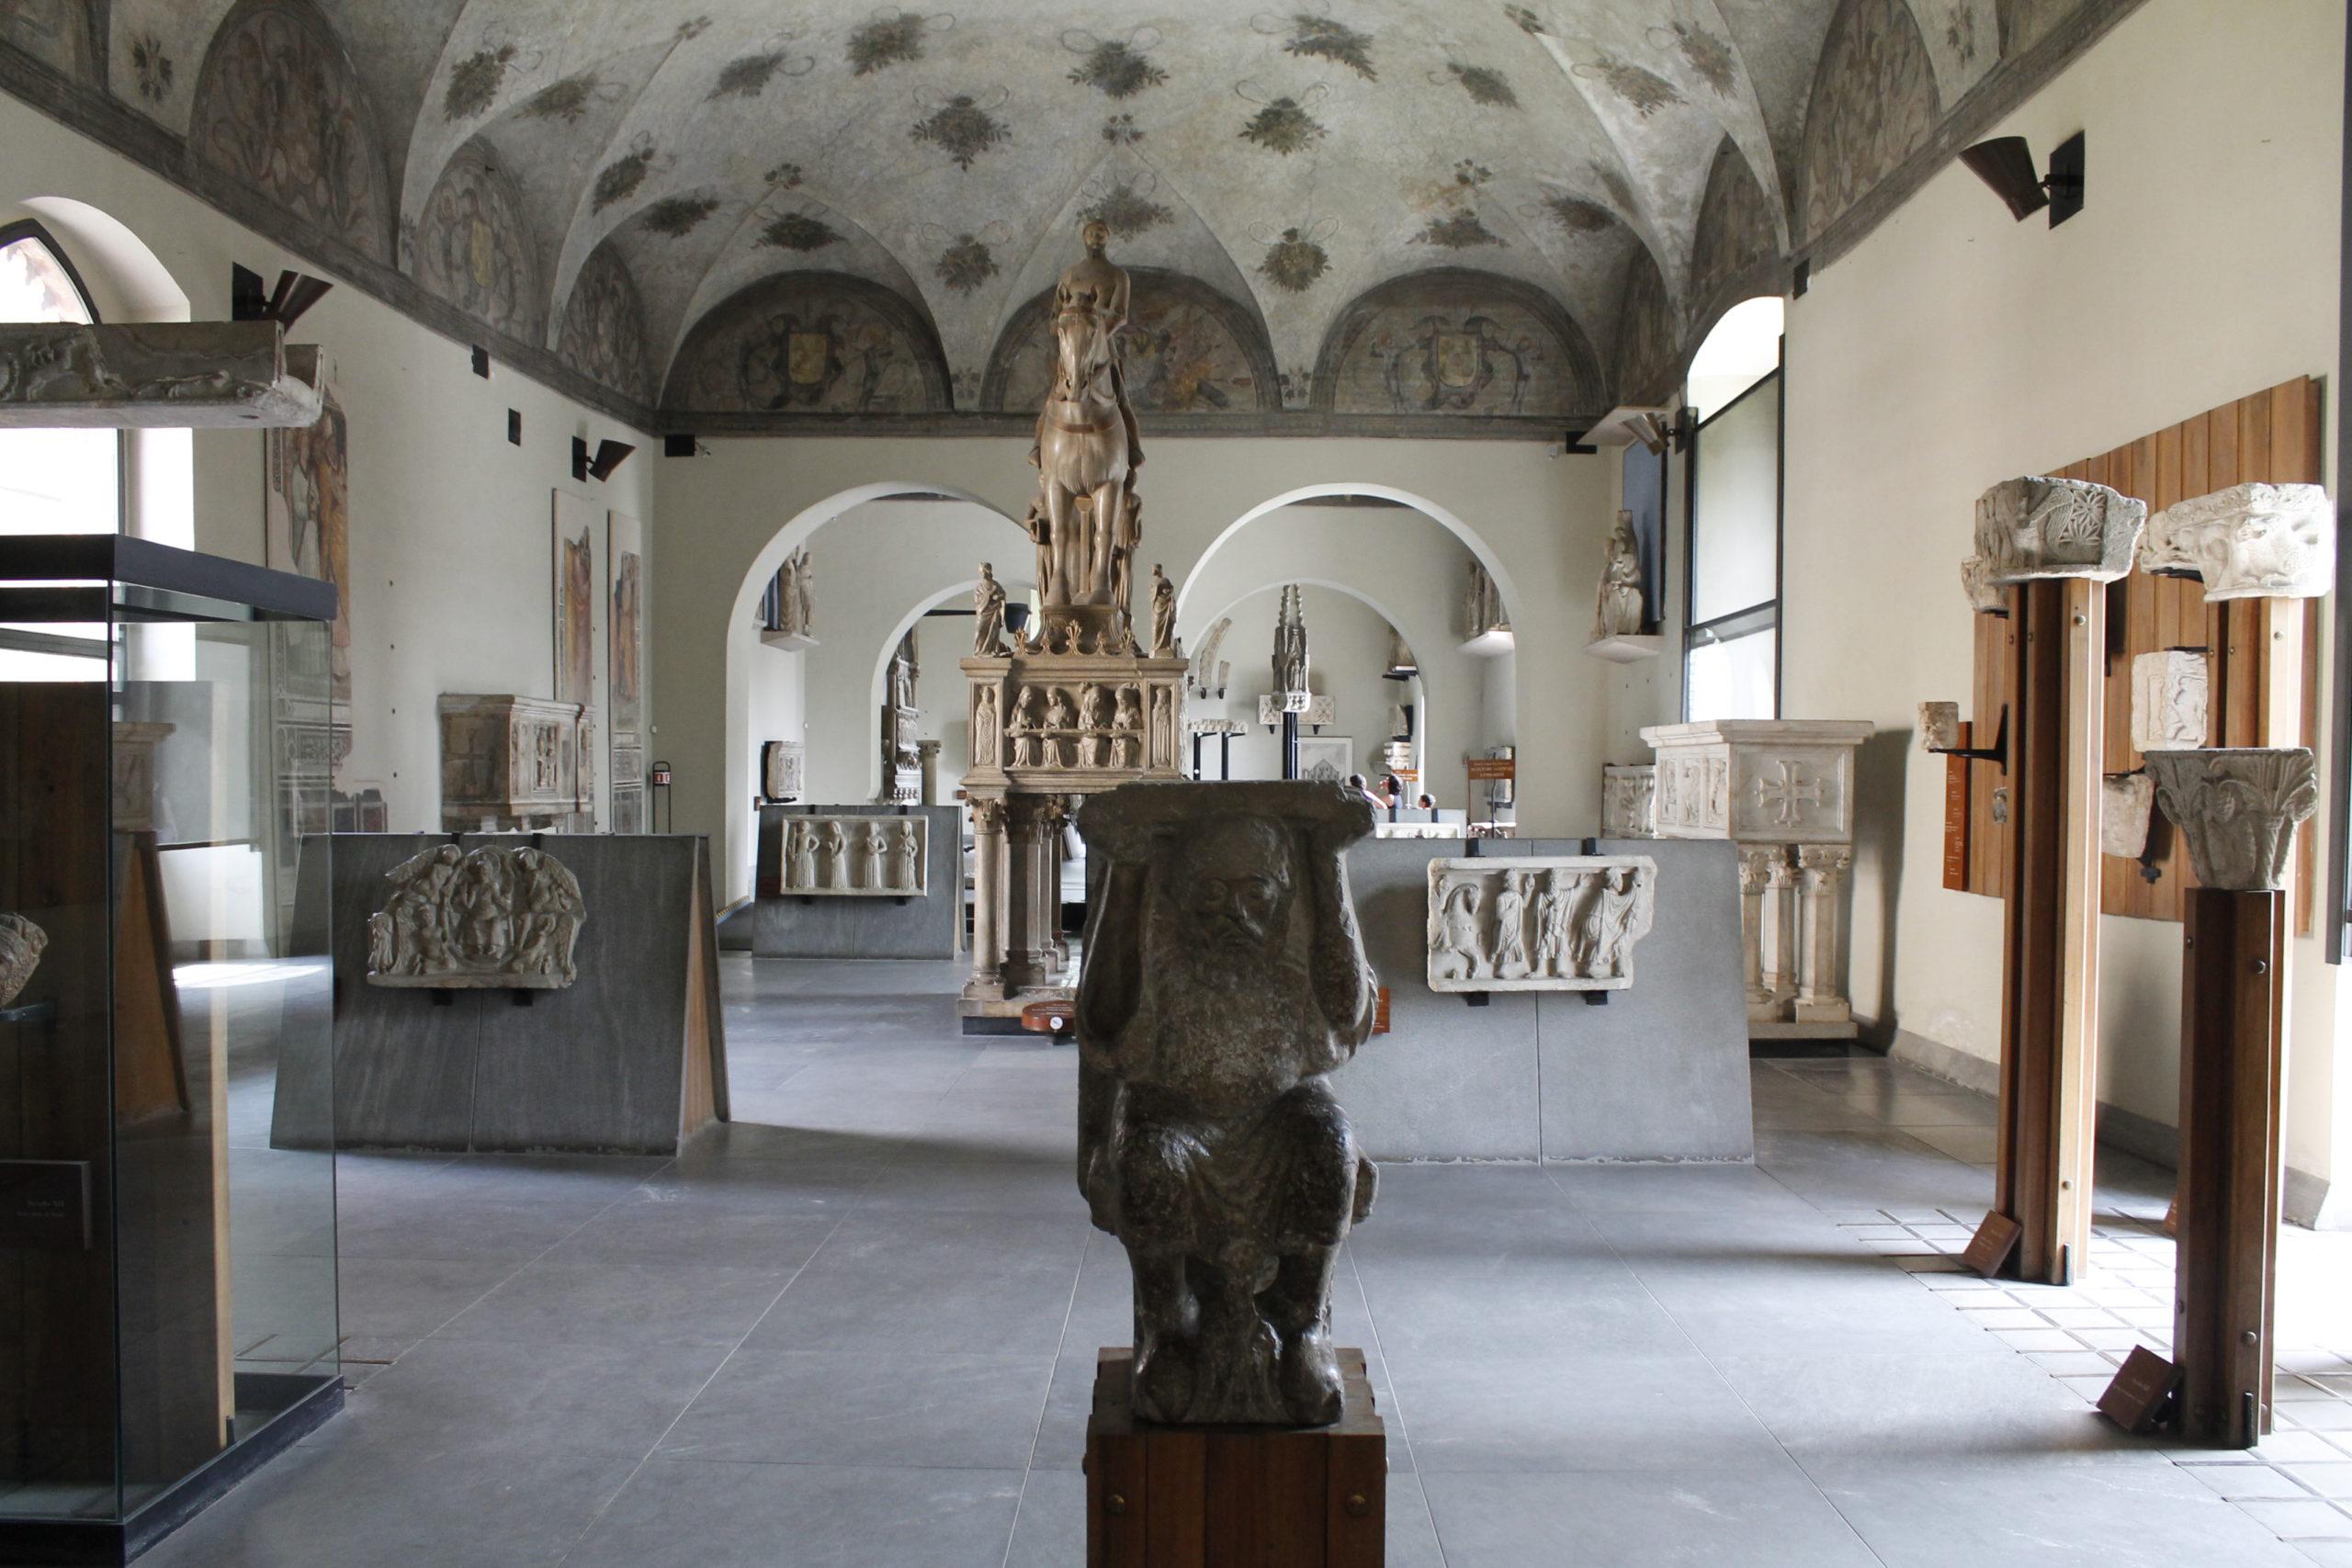 13157_milano-una-app-e-tre-nuovi-percorsi-guidati-per-rendere-i-musei-piu-accessibili